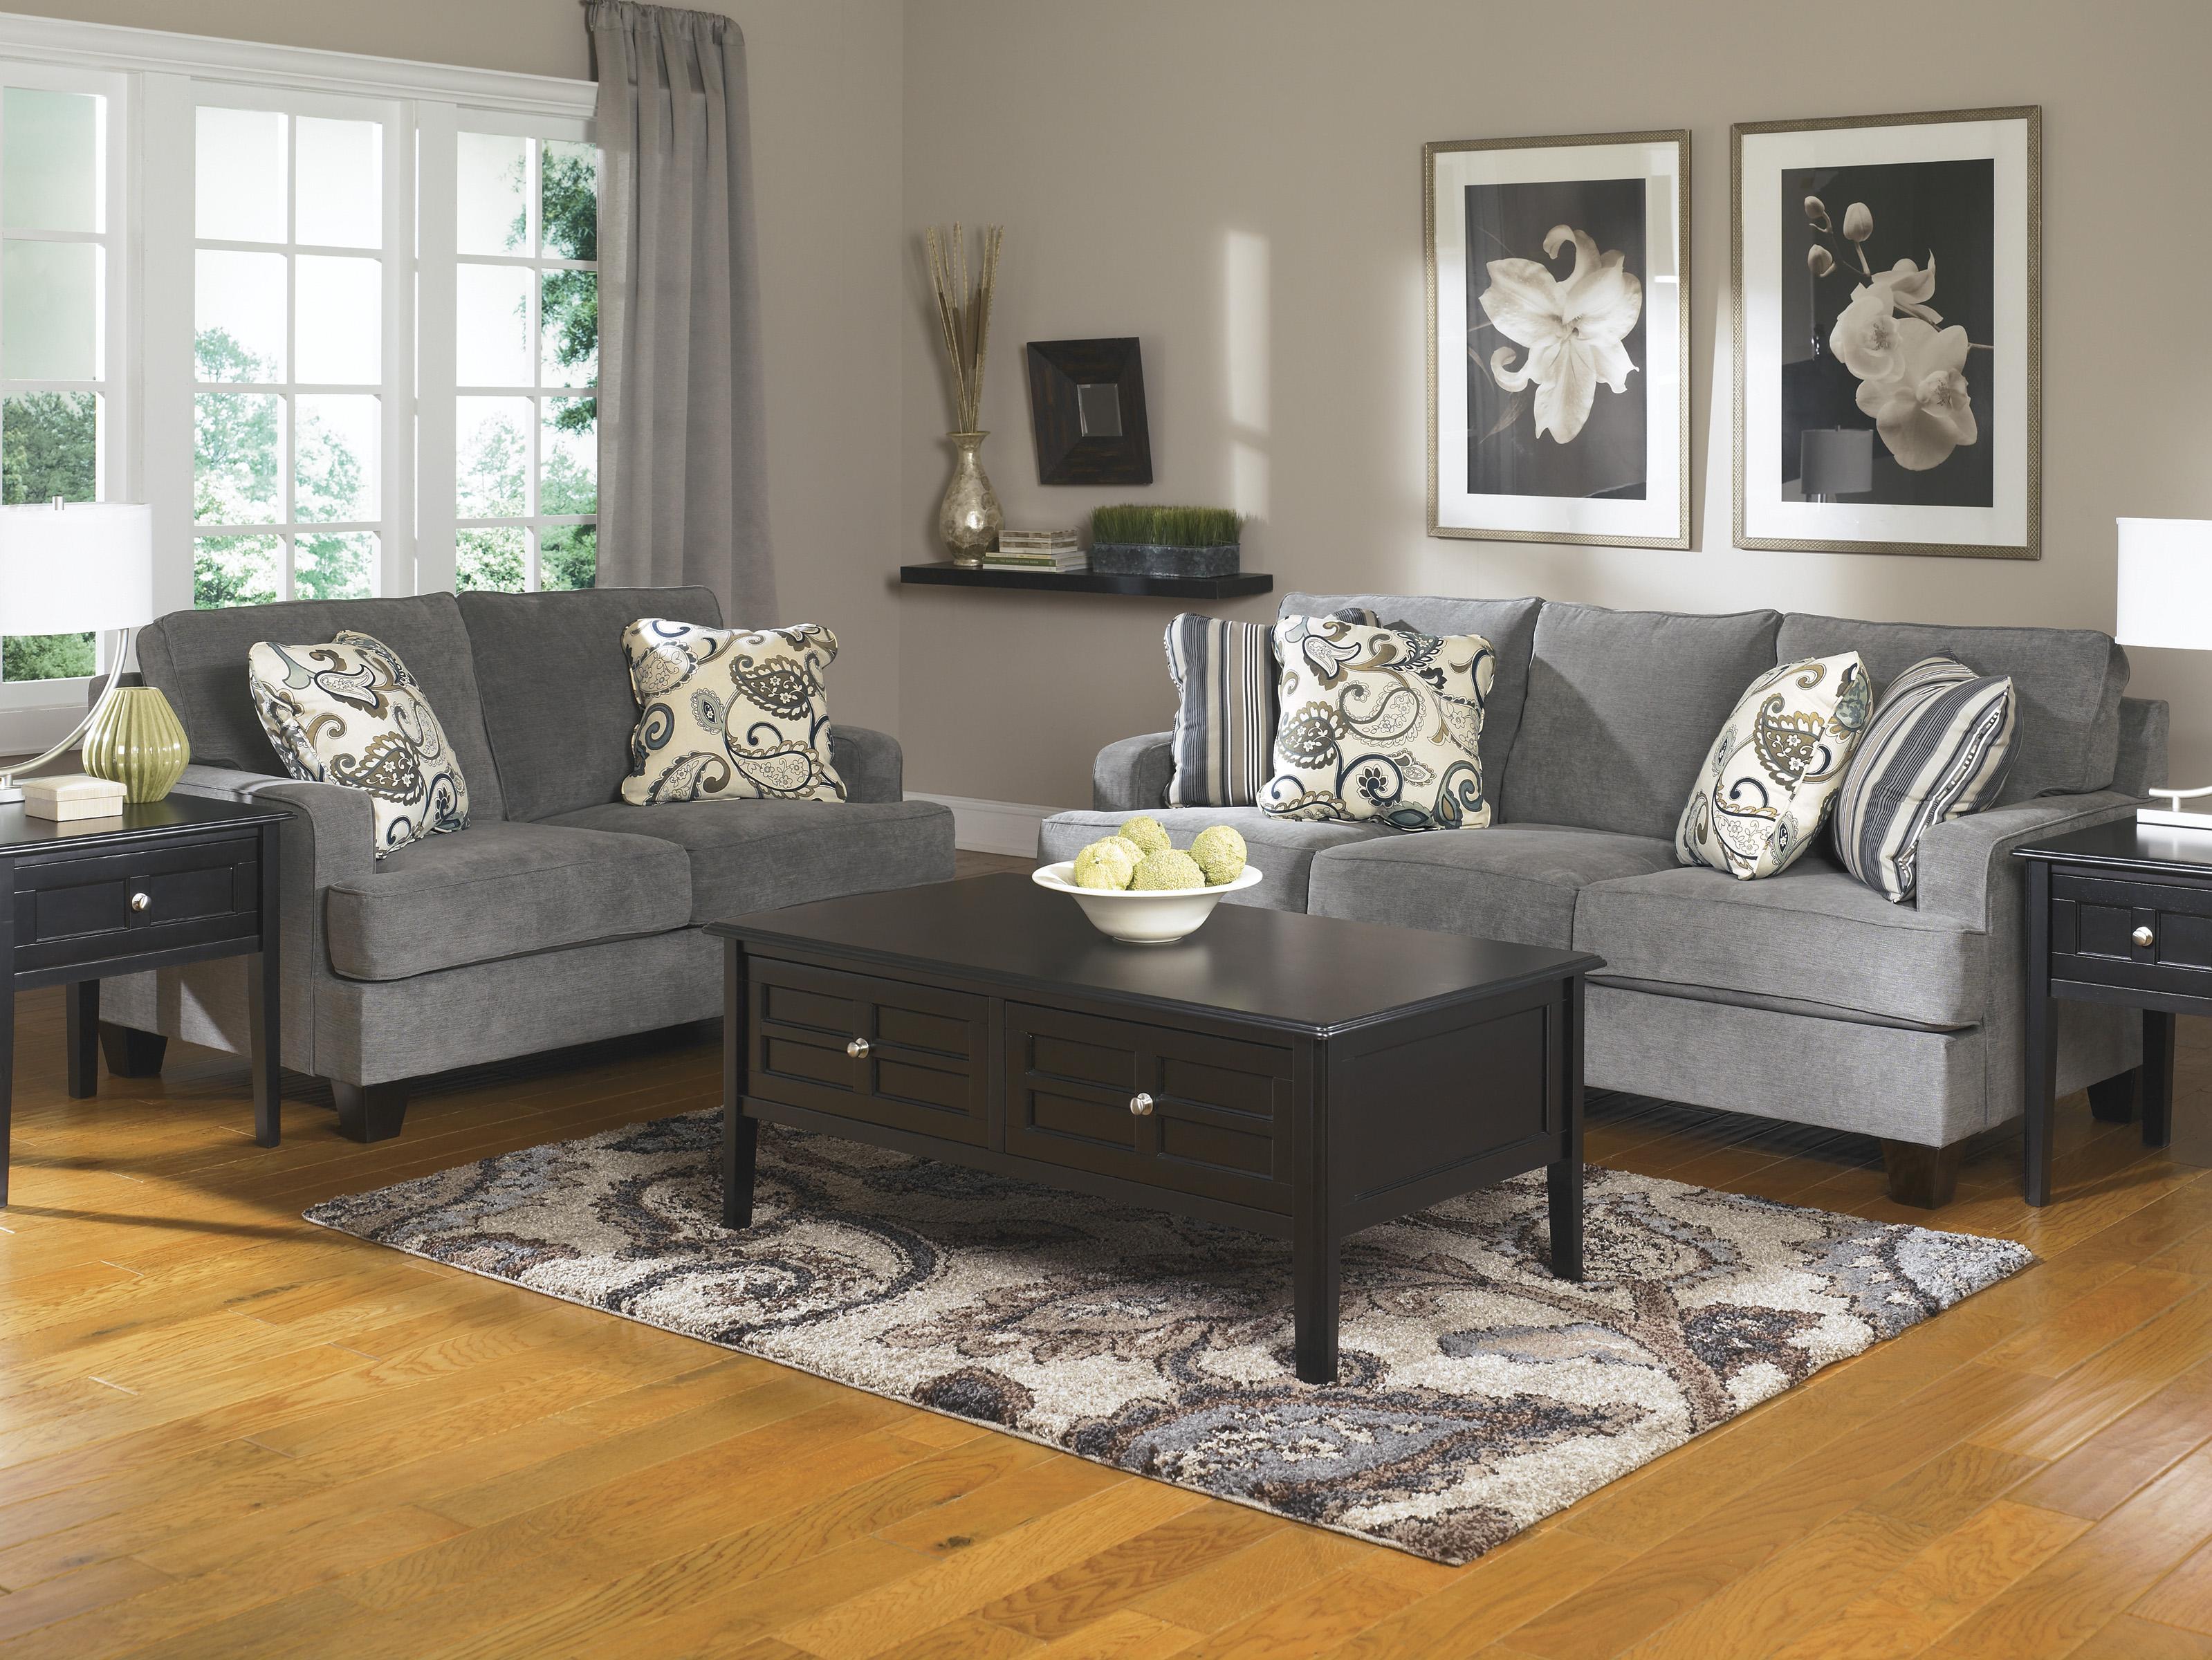 Yvette Steel Sofa and Loveseat  / $29.99 A Week